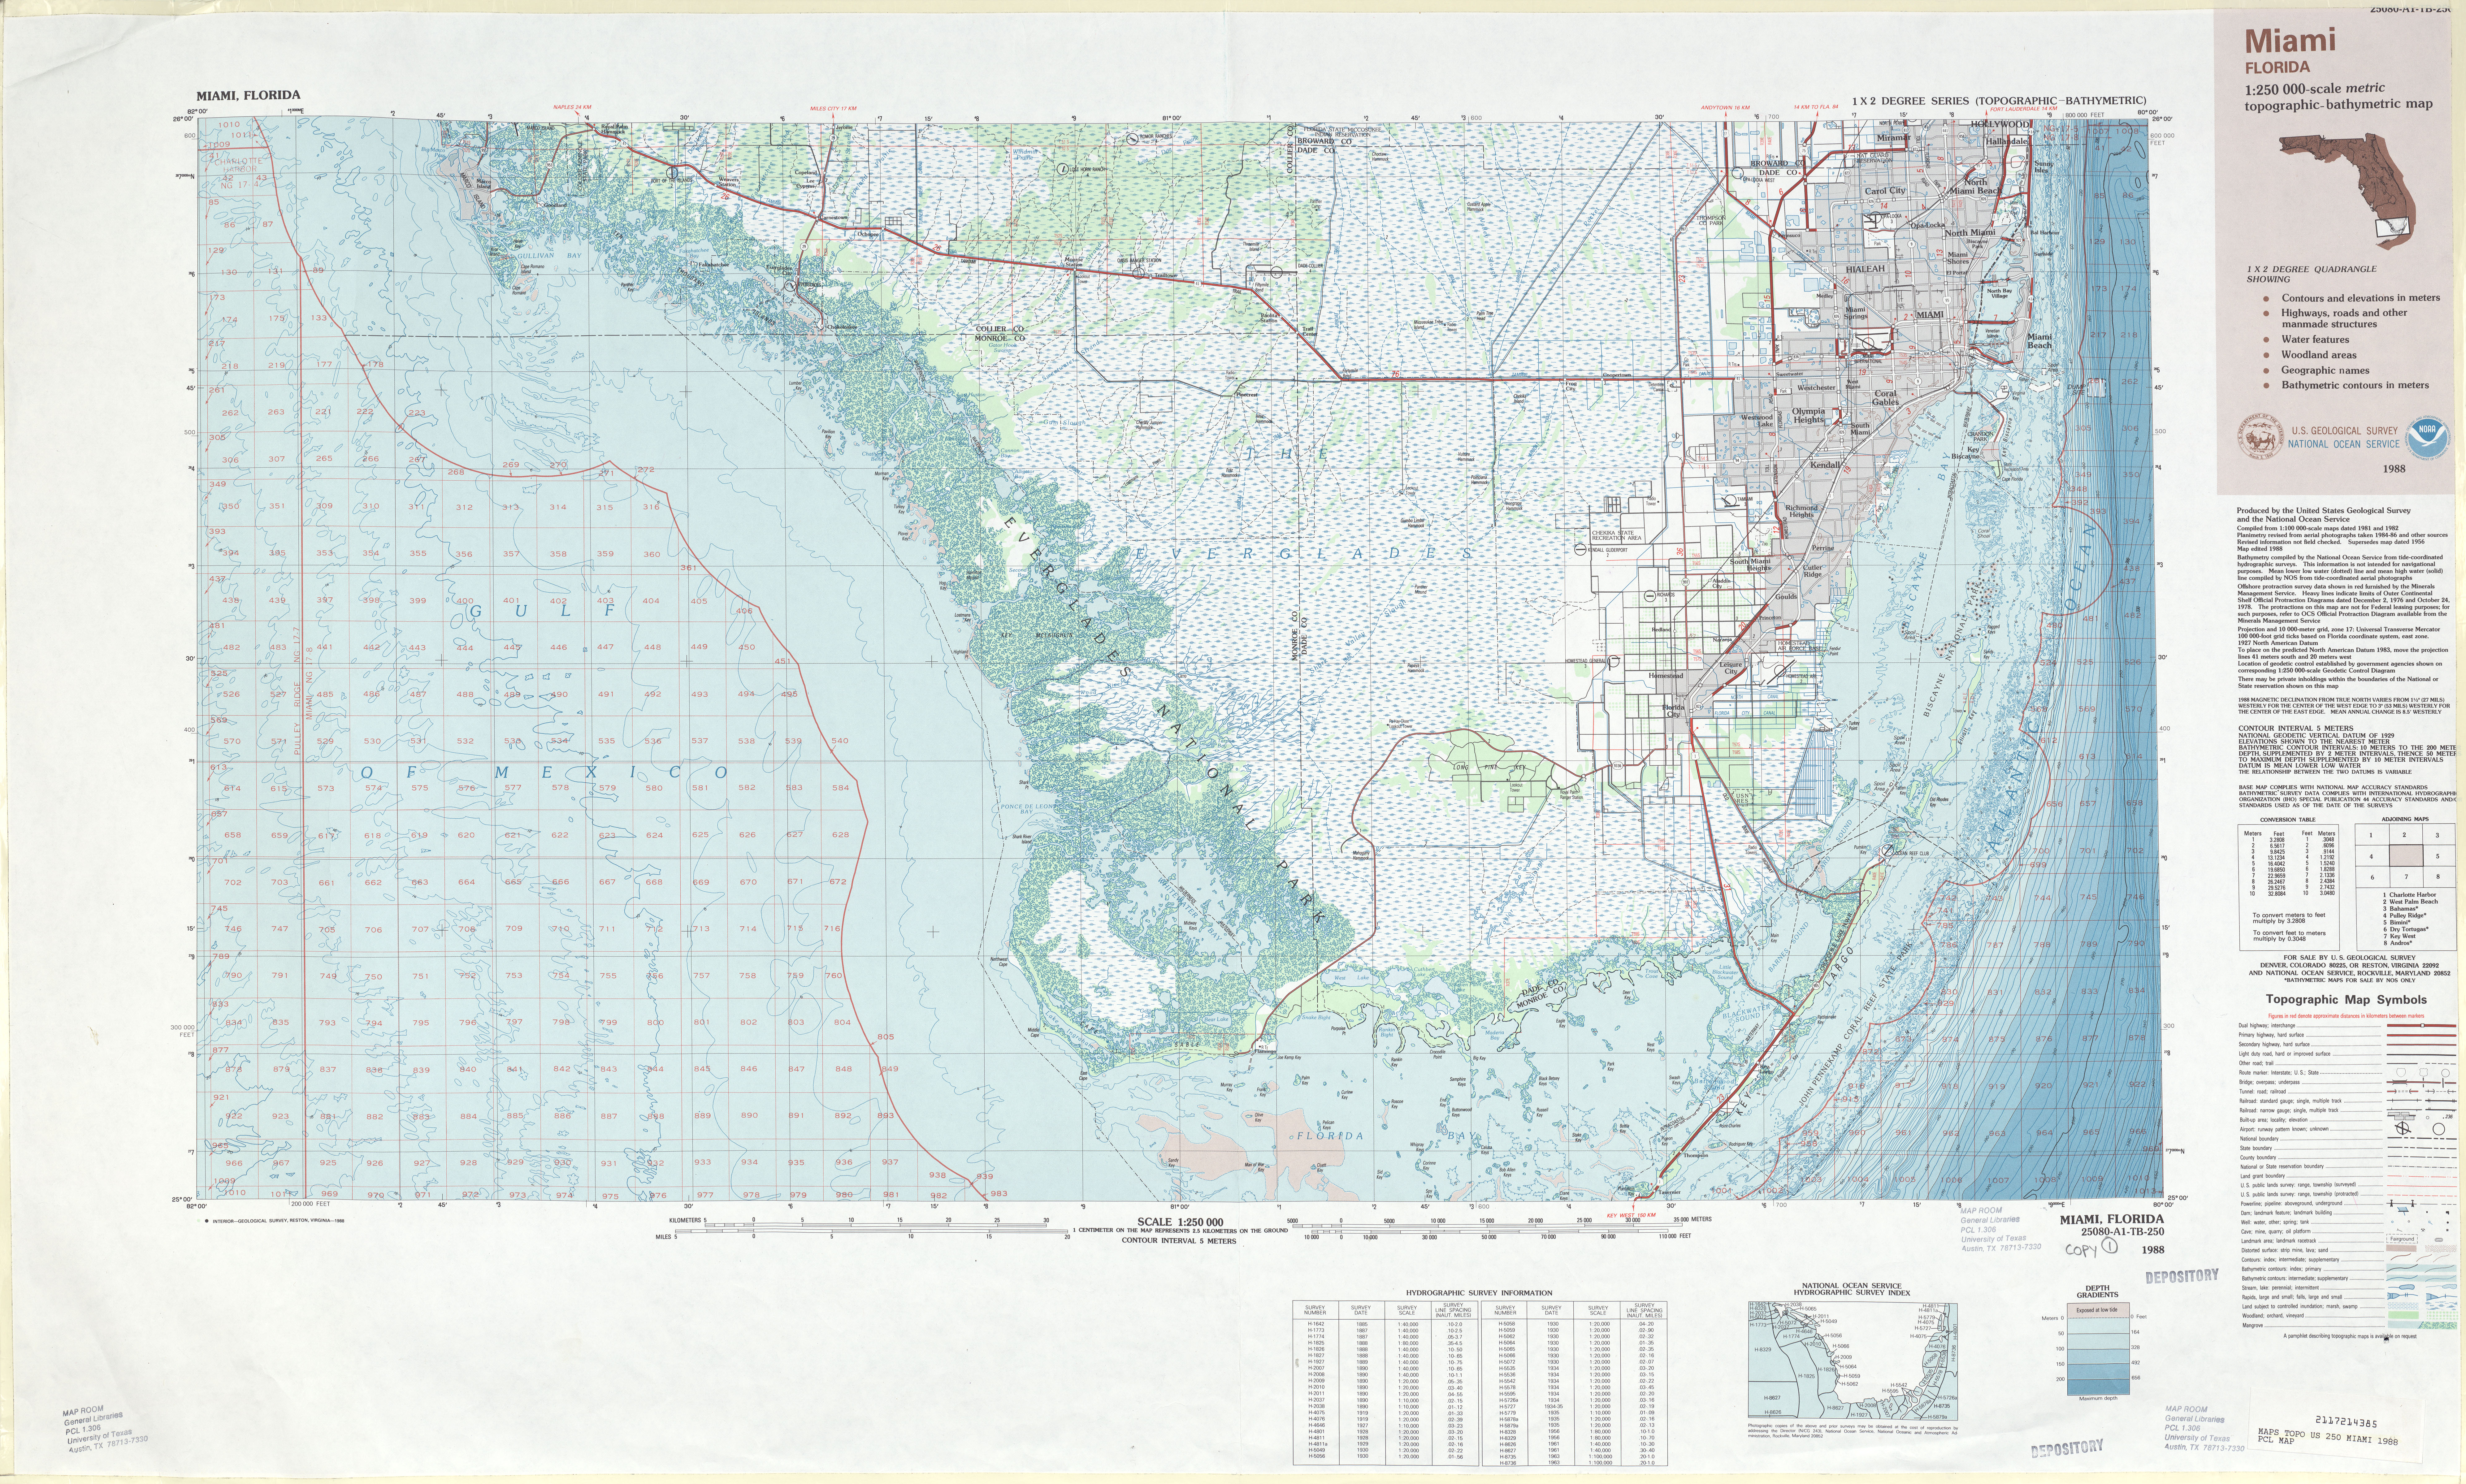 Hoja Miami Mapa Topográfico de-Batimétrico, Estados Unidos 1988